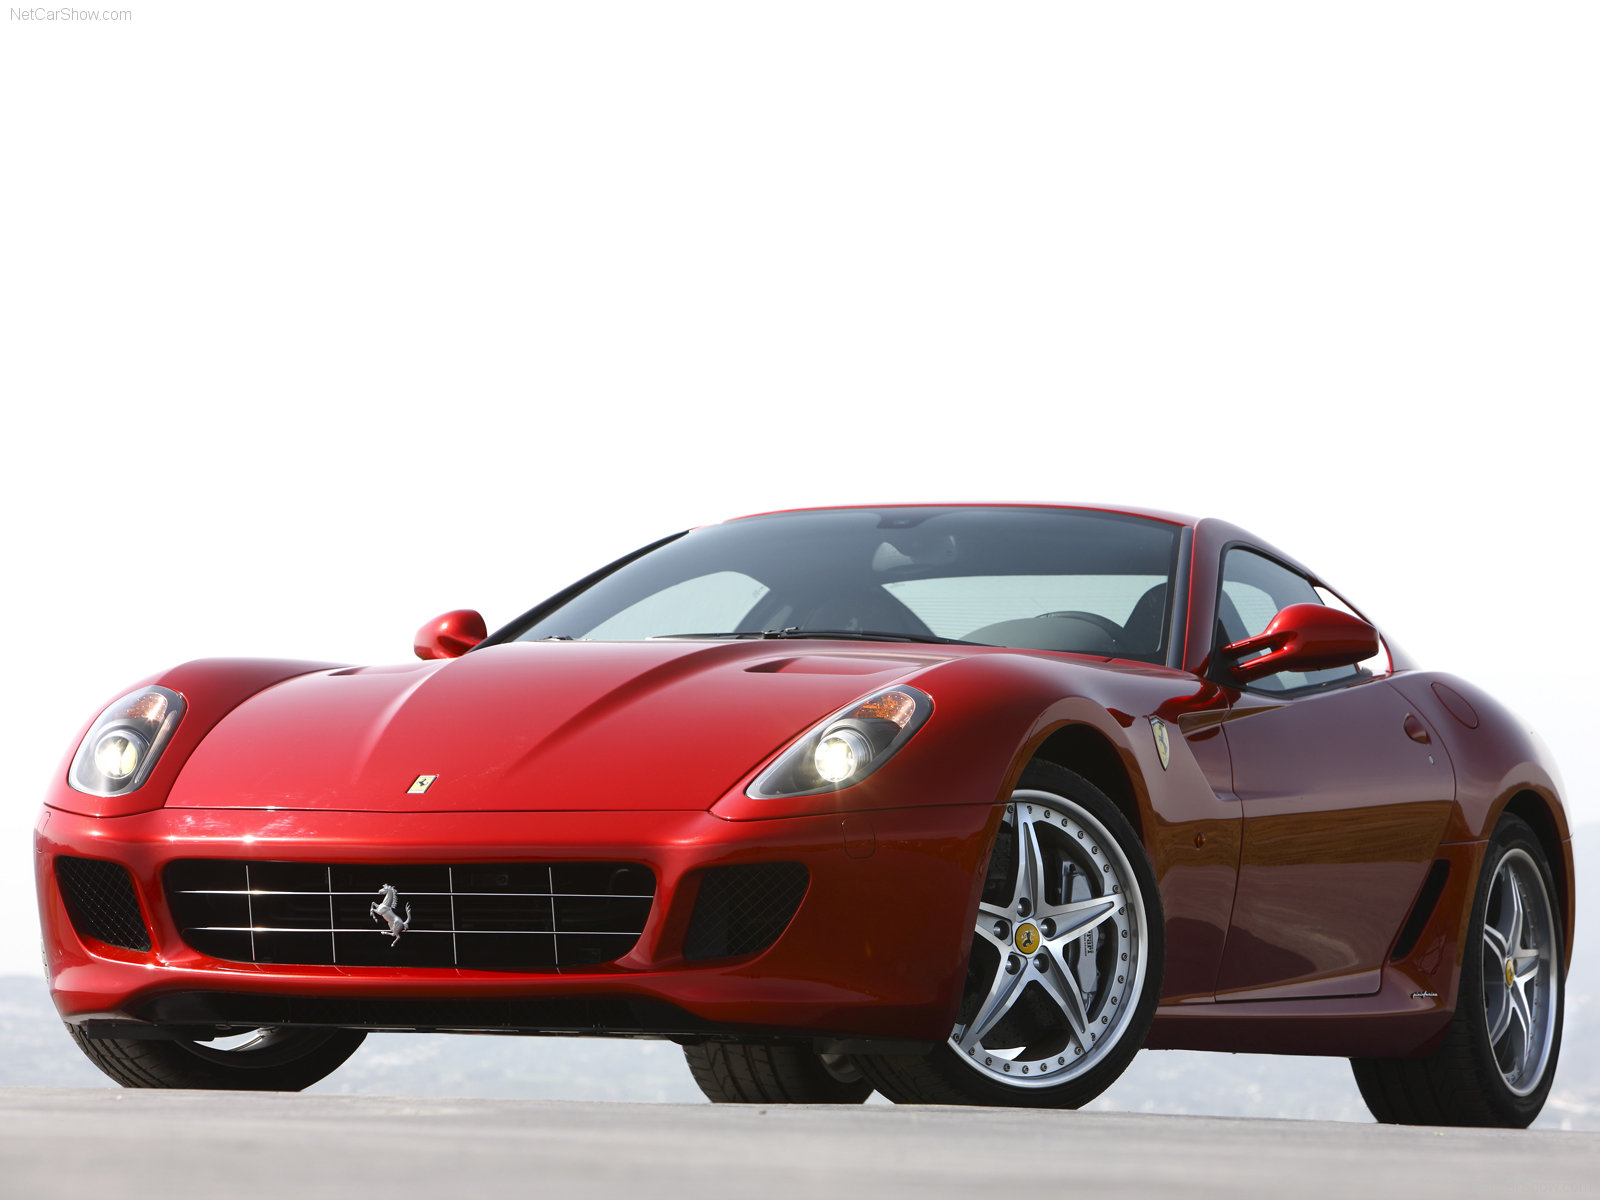 Hình ảnh siêu xe Ferrari 599 GTB Fiorano HGTE 2010 & nội ngoại thất